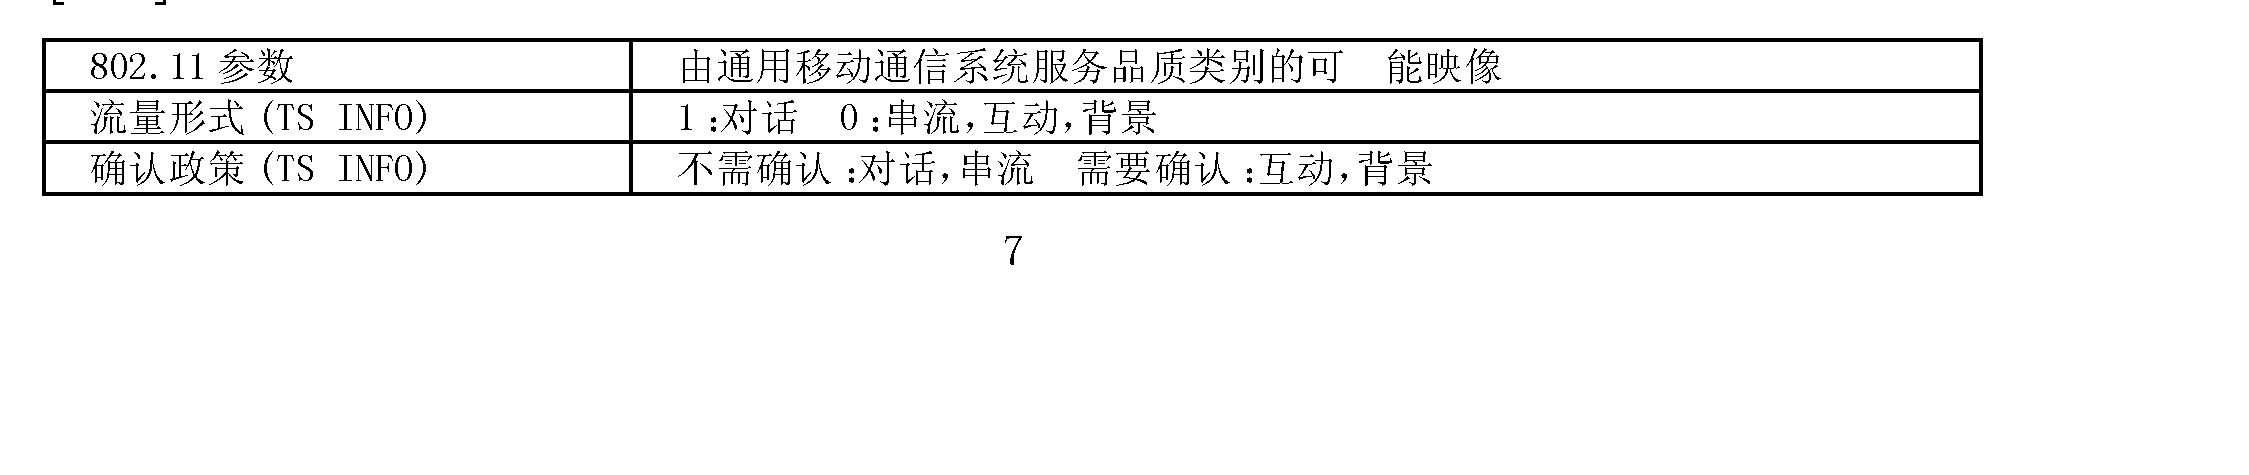 Figure CN101695183BD00072